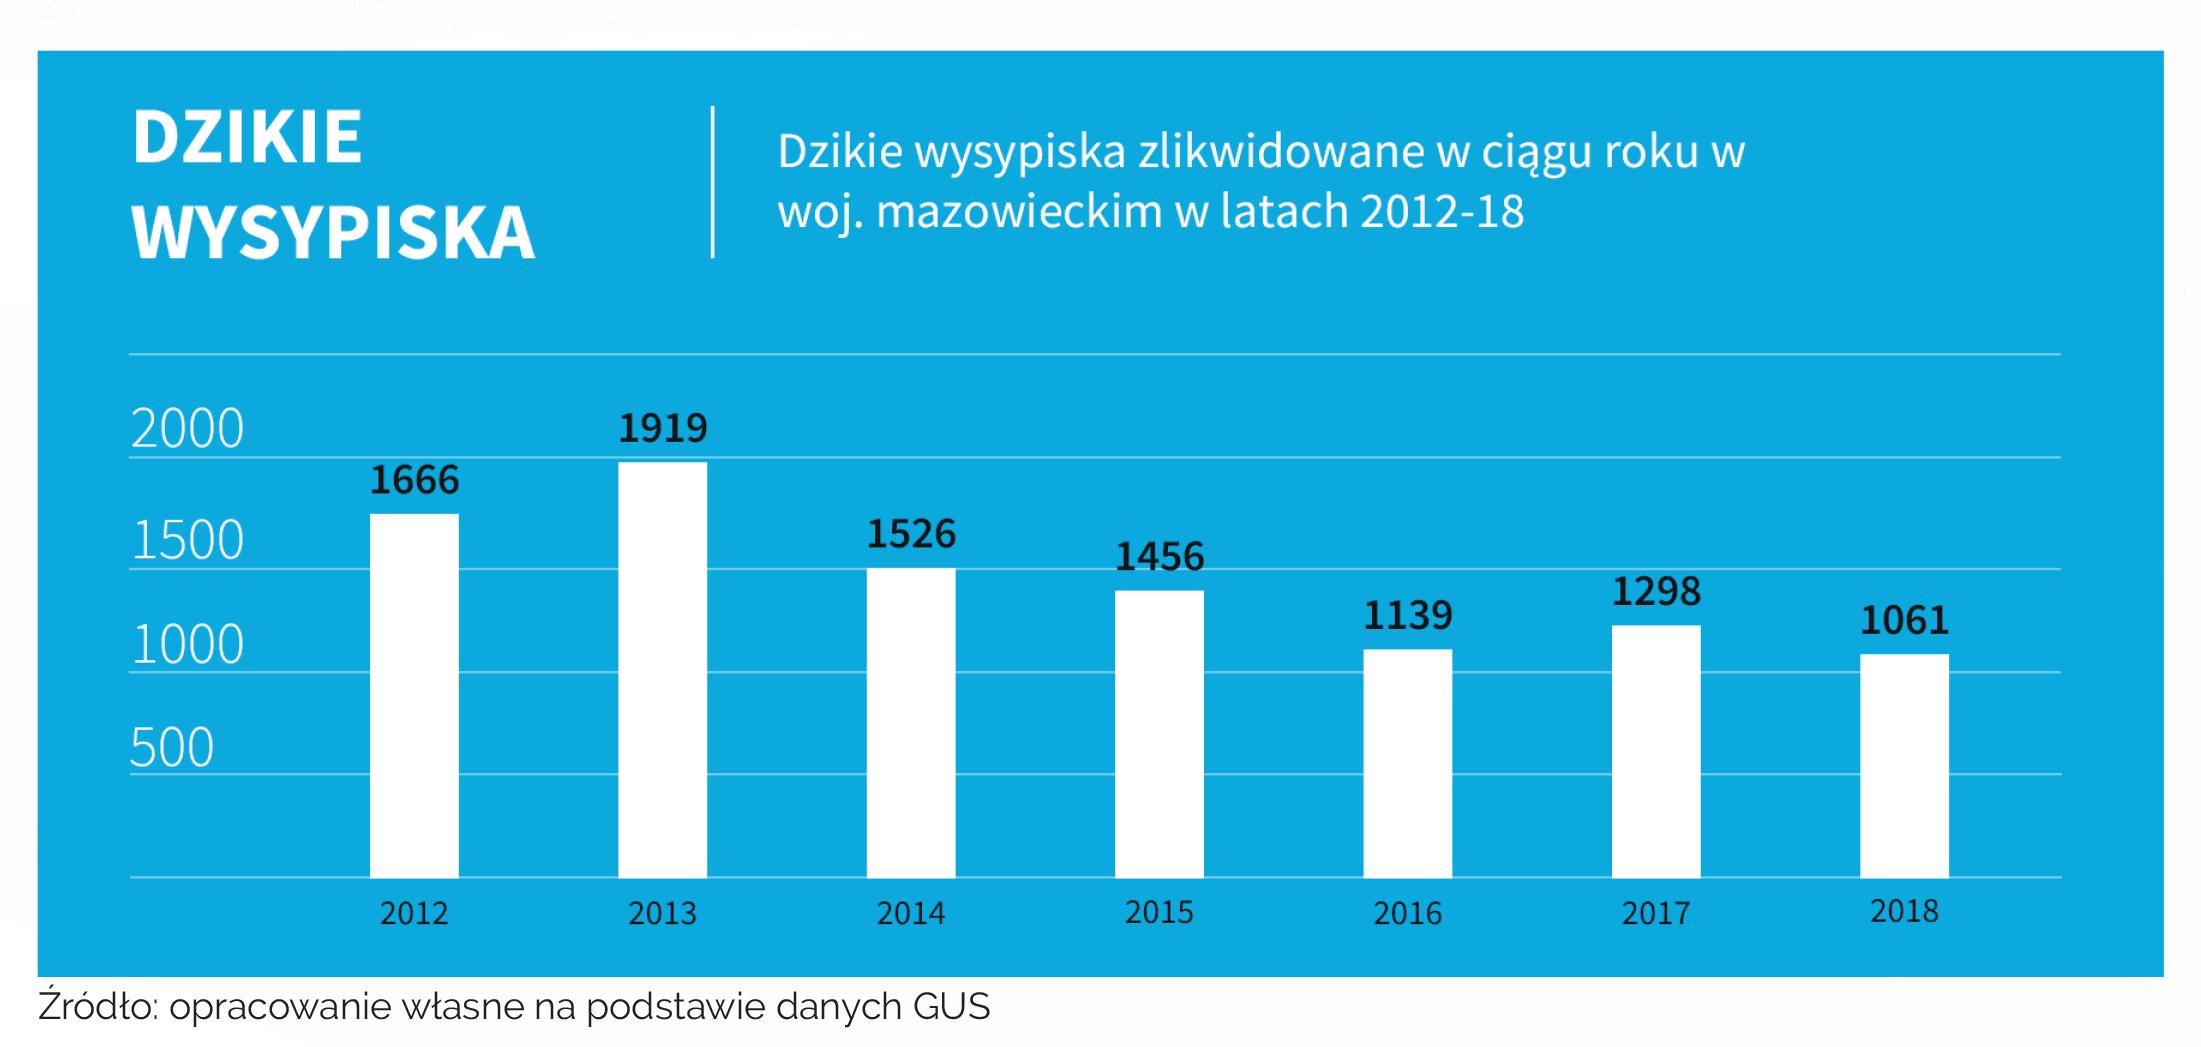 Dzikie wysypiska na Mazowszu (źródło: WFS na podstawie GUS)